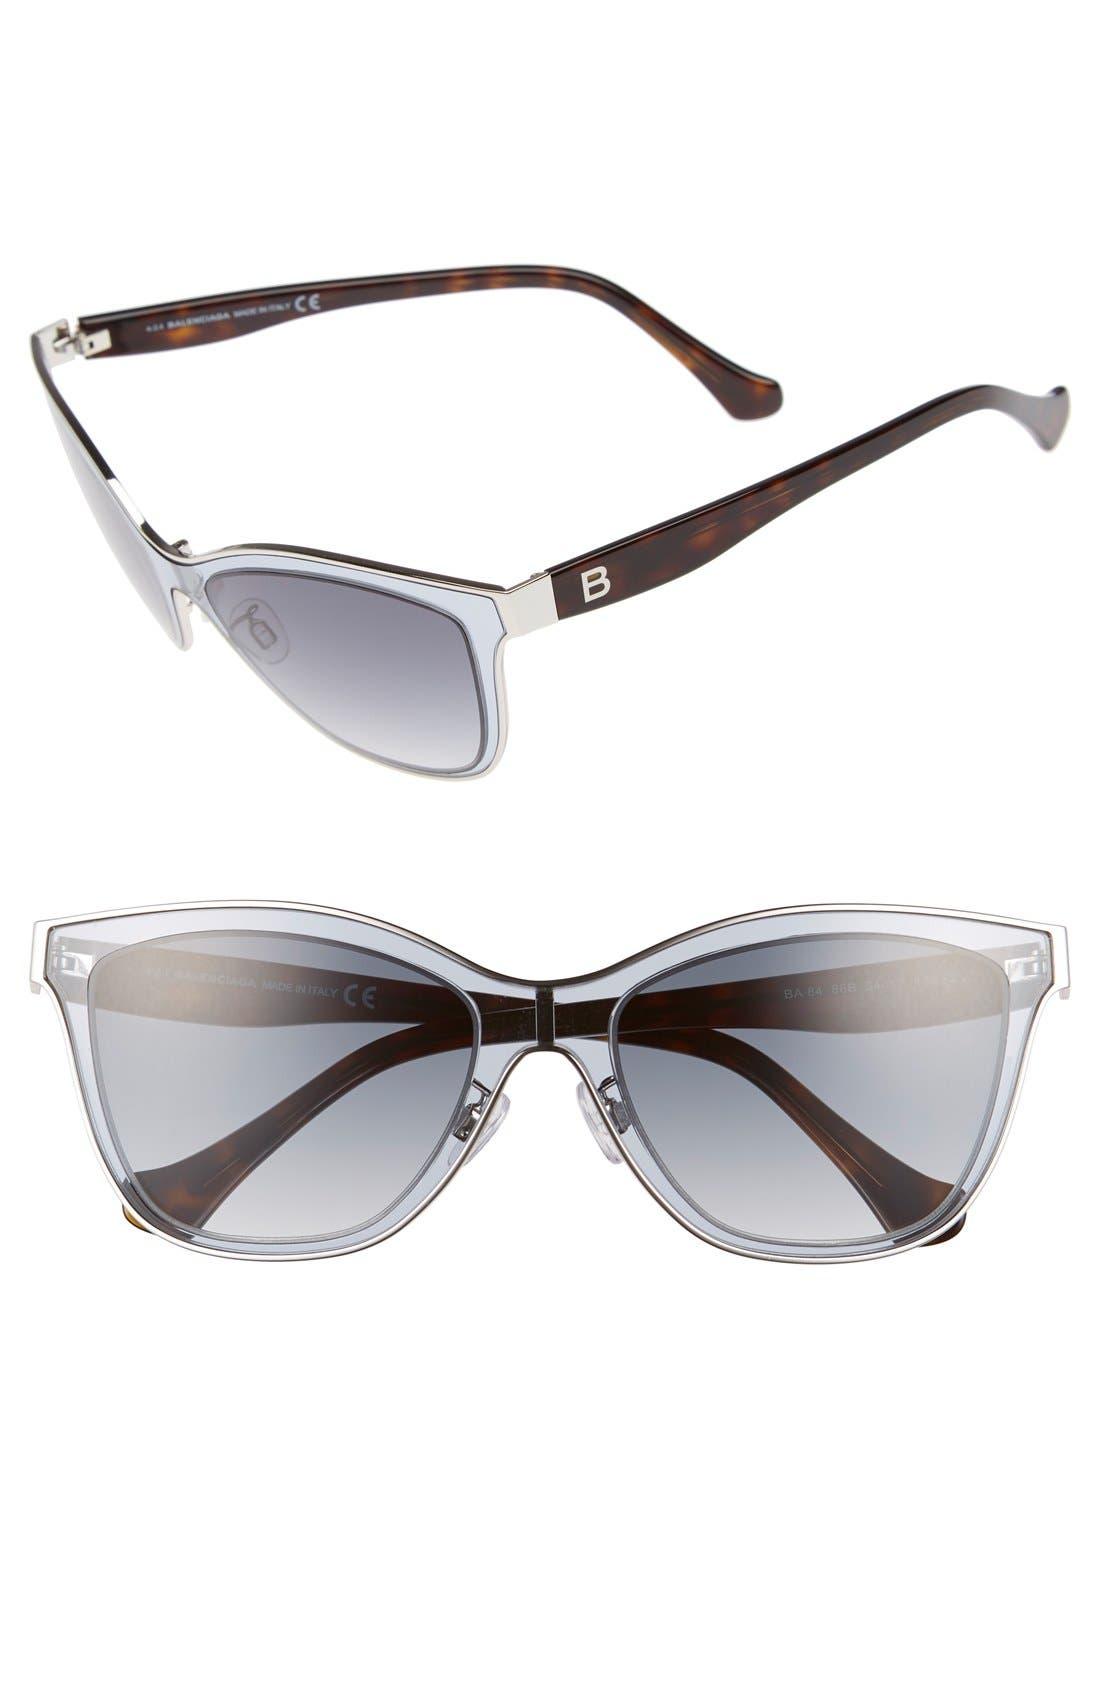 Paris 54mm Sunglasses,                             Main thumbnail 1, color,                             040